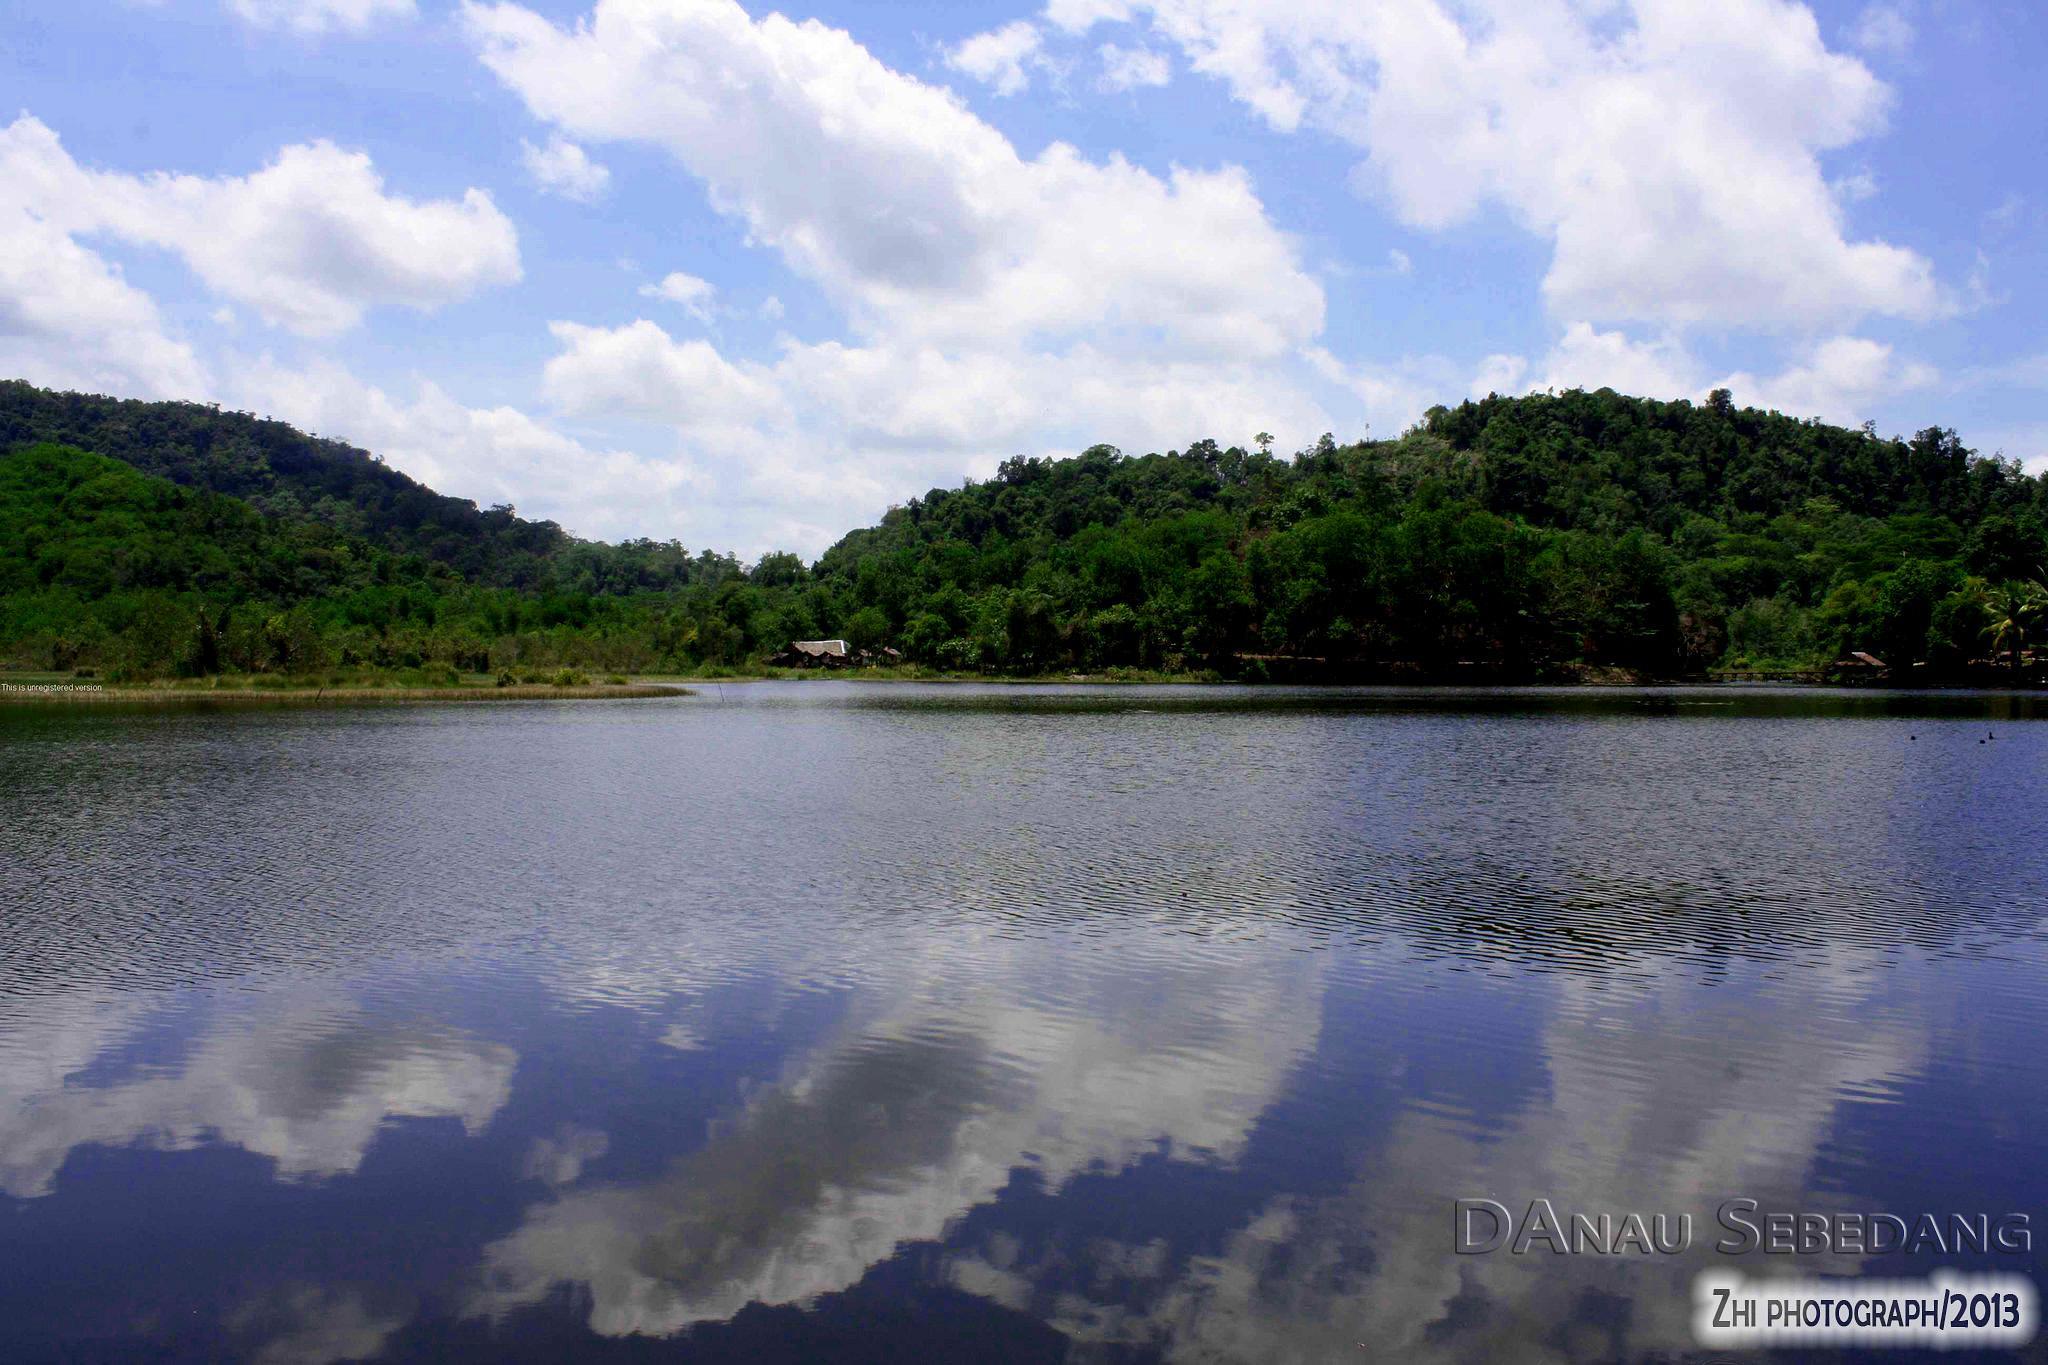 Danau Sebedang by Muyazi Muzanni